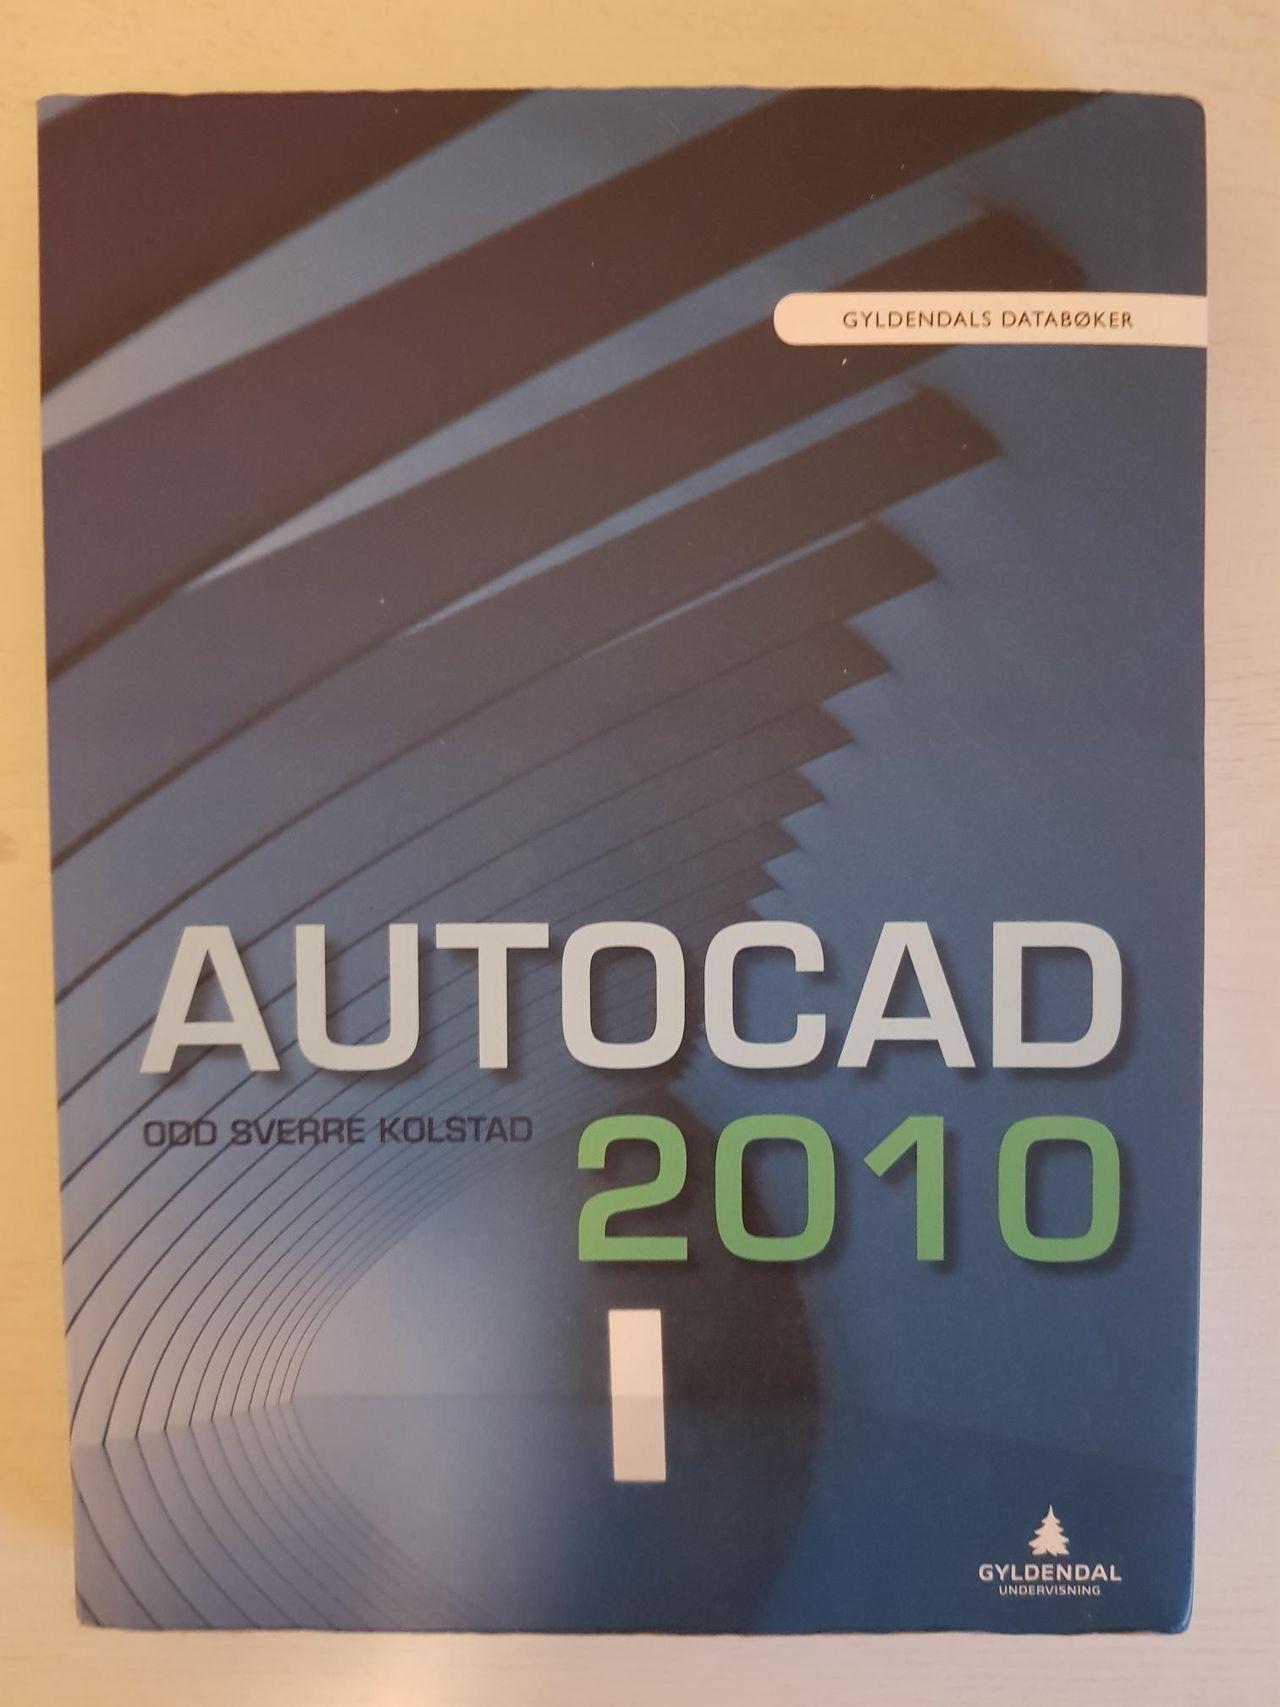 Autocad Kjøpe, selge og utveksle annonser gode tilbud og